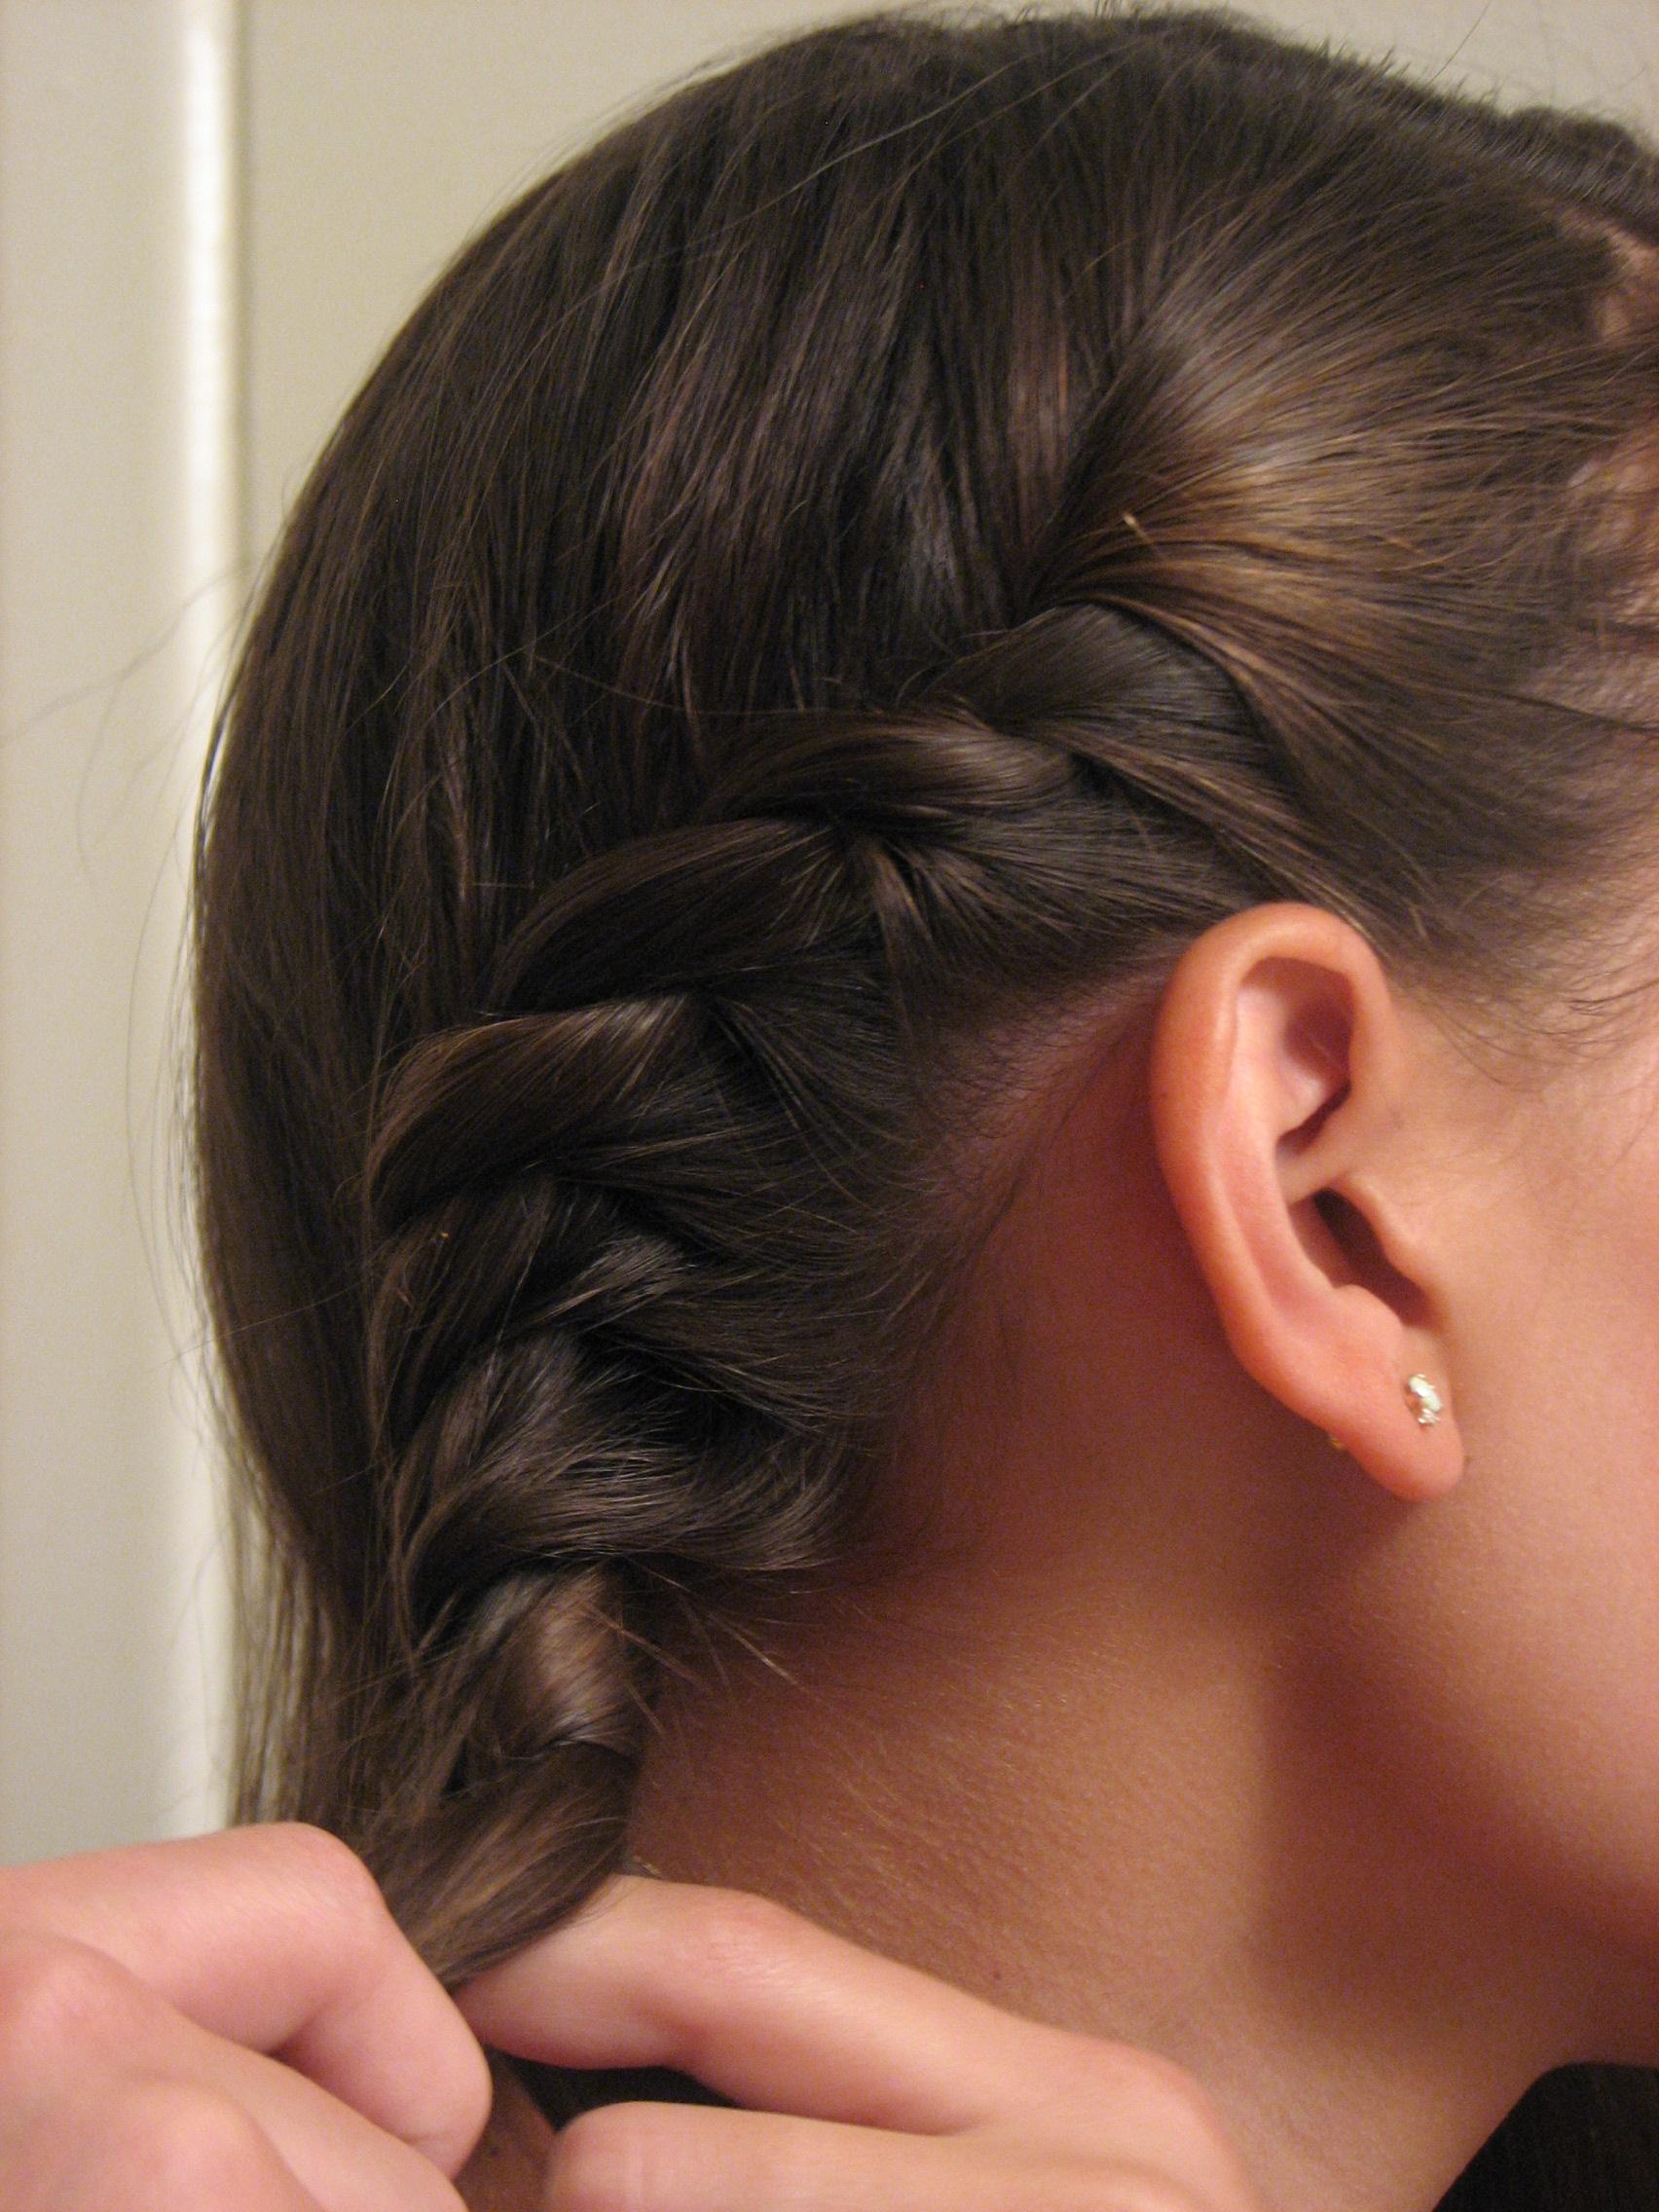 Hair Tutorial: Hair Twisting